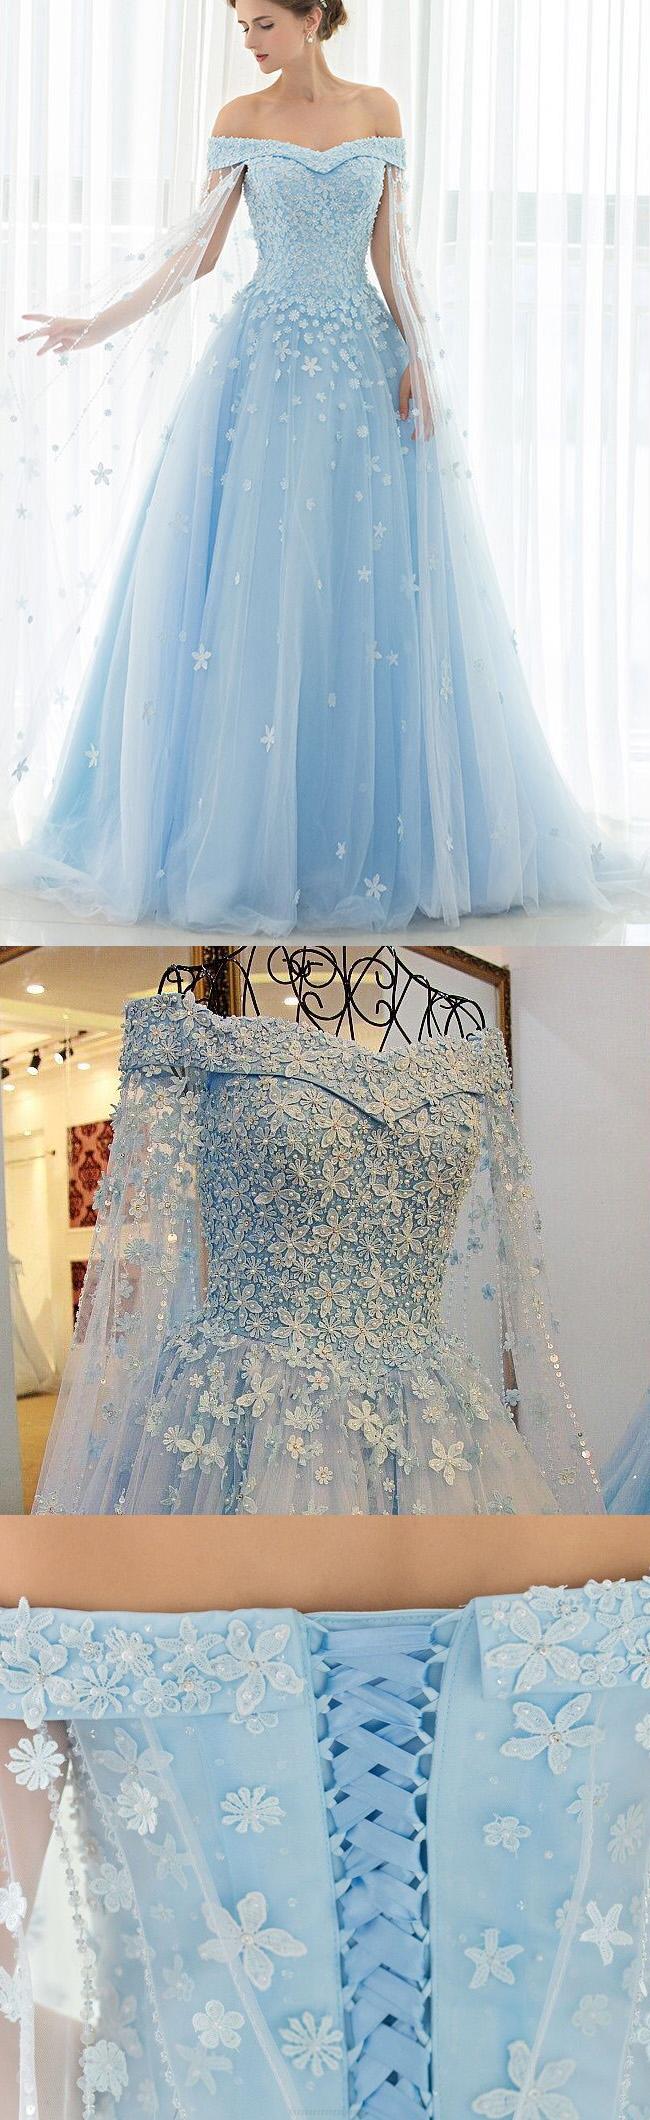 Applique evening dresses light blue alineprincess evening dresses